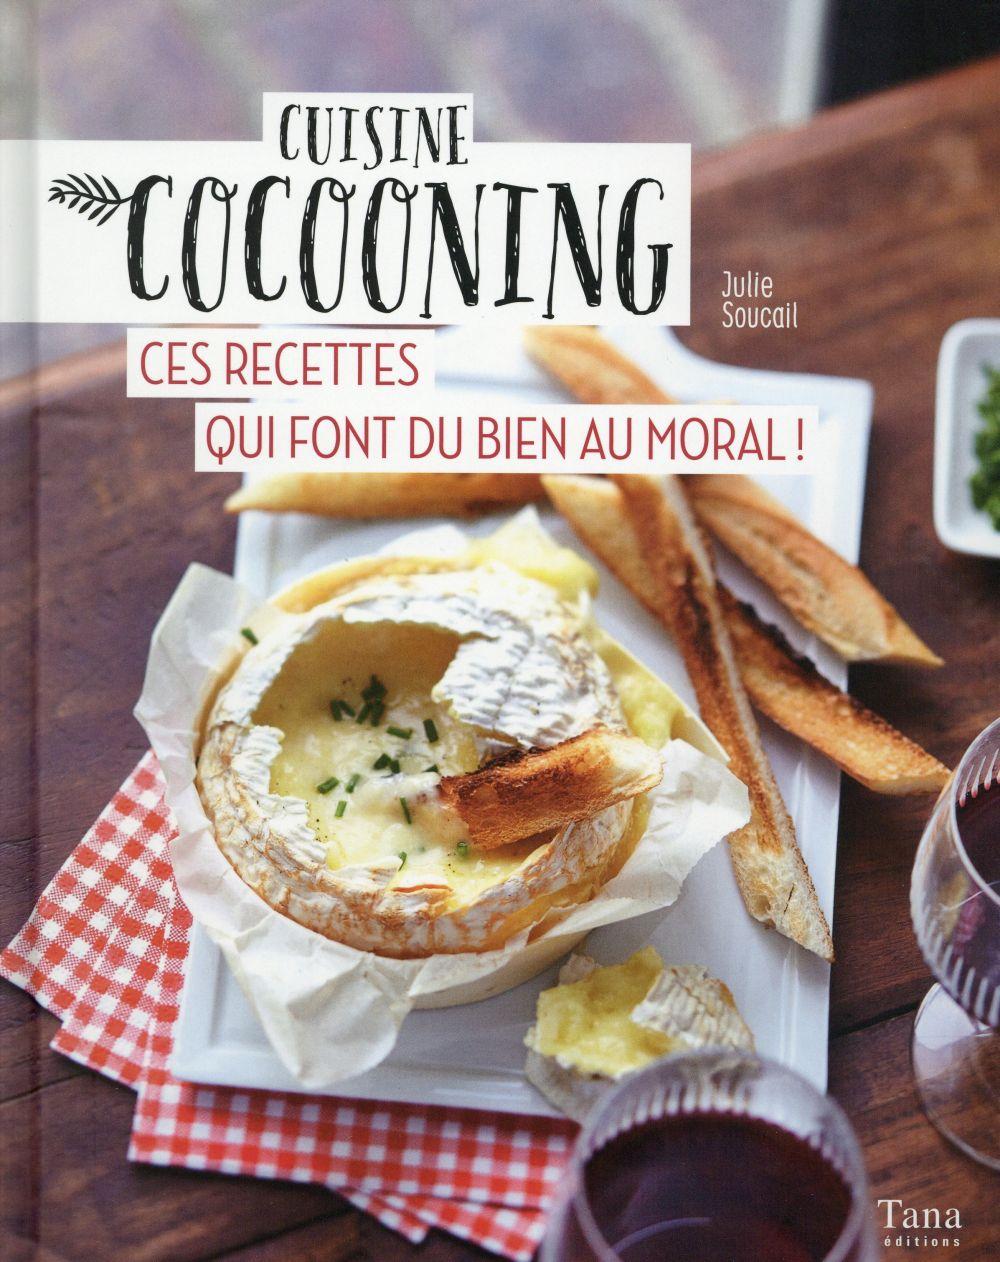 Cuisine cocooning ; ces recettes qui font du bien au moral !